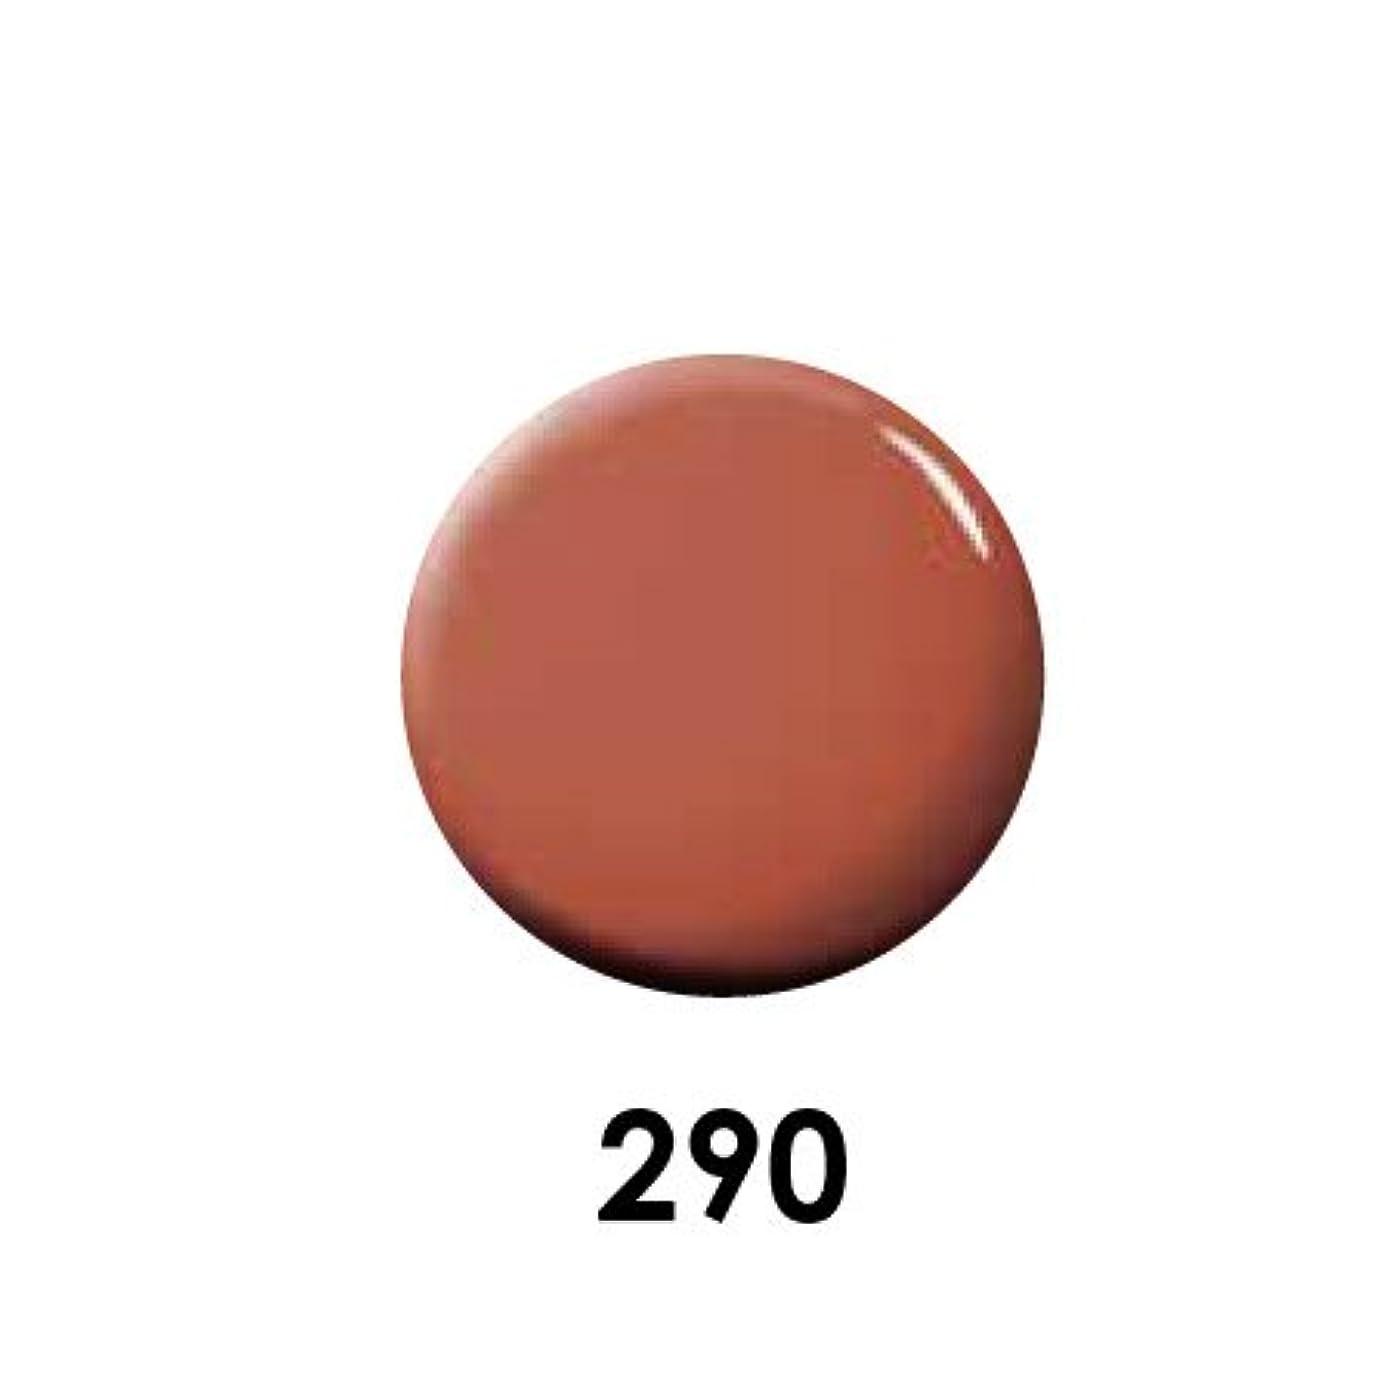 ブローまどろみのある我慢するPutiel プティール カラージェル 290 レッドソイル 2g (MARIEプロデュース)